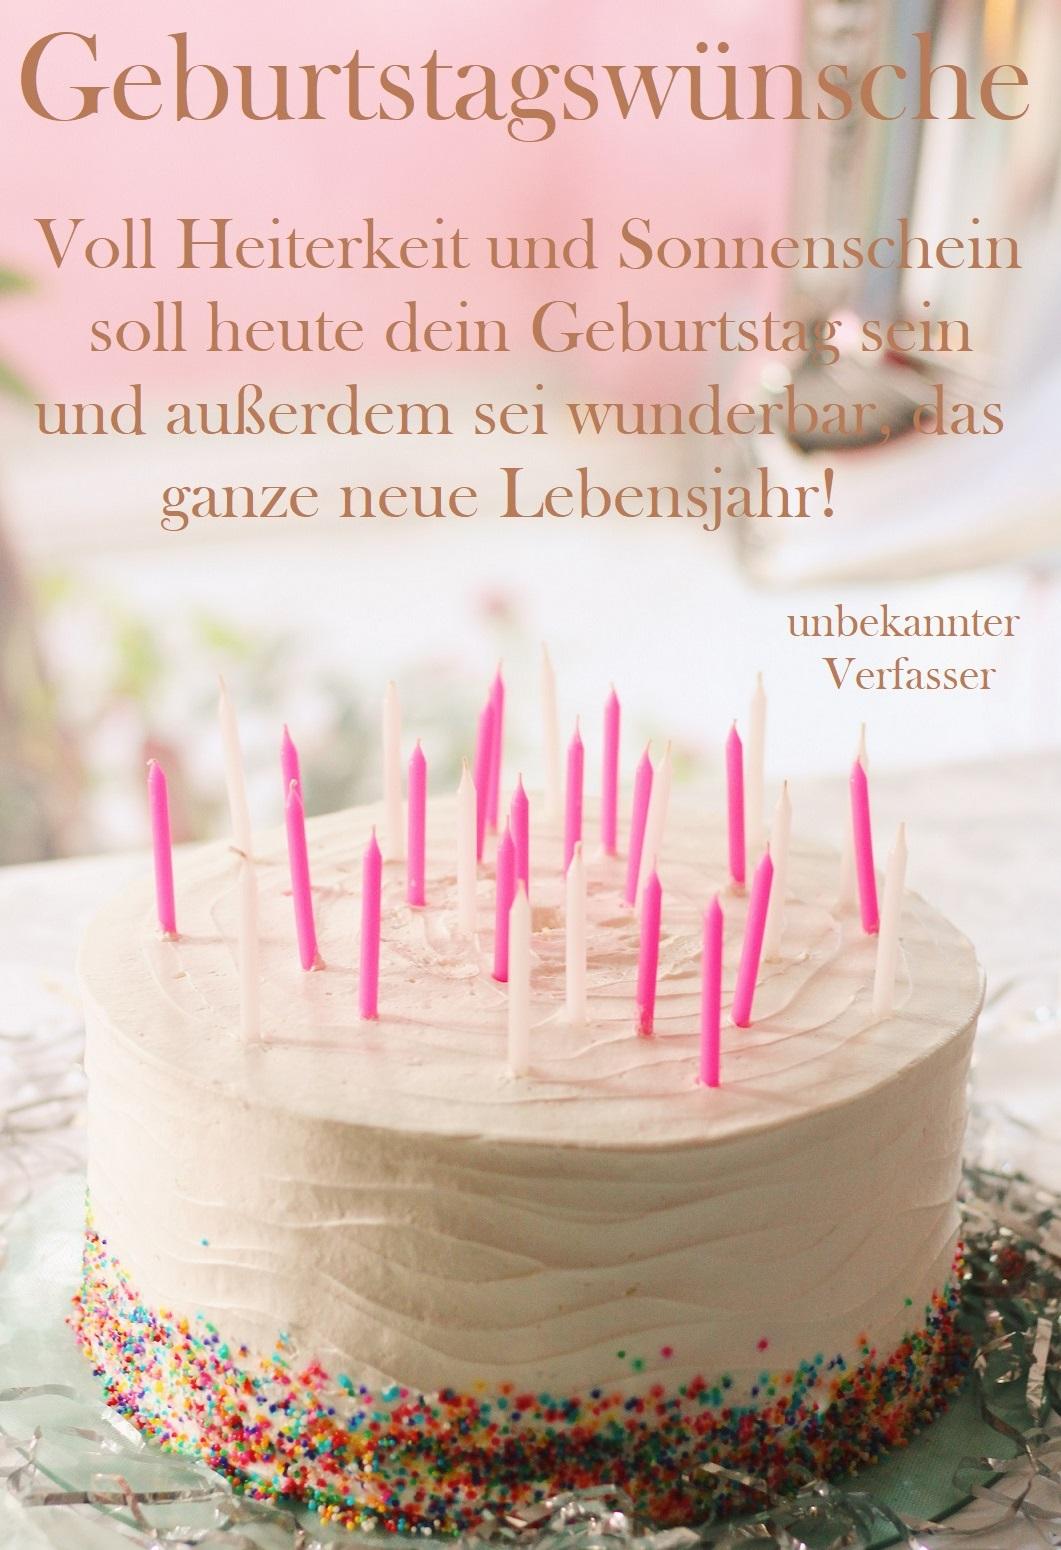 Geburtstagswünsche Bild 15